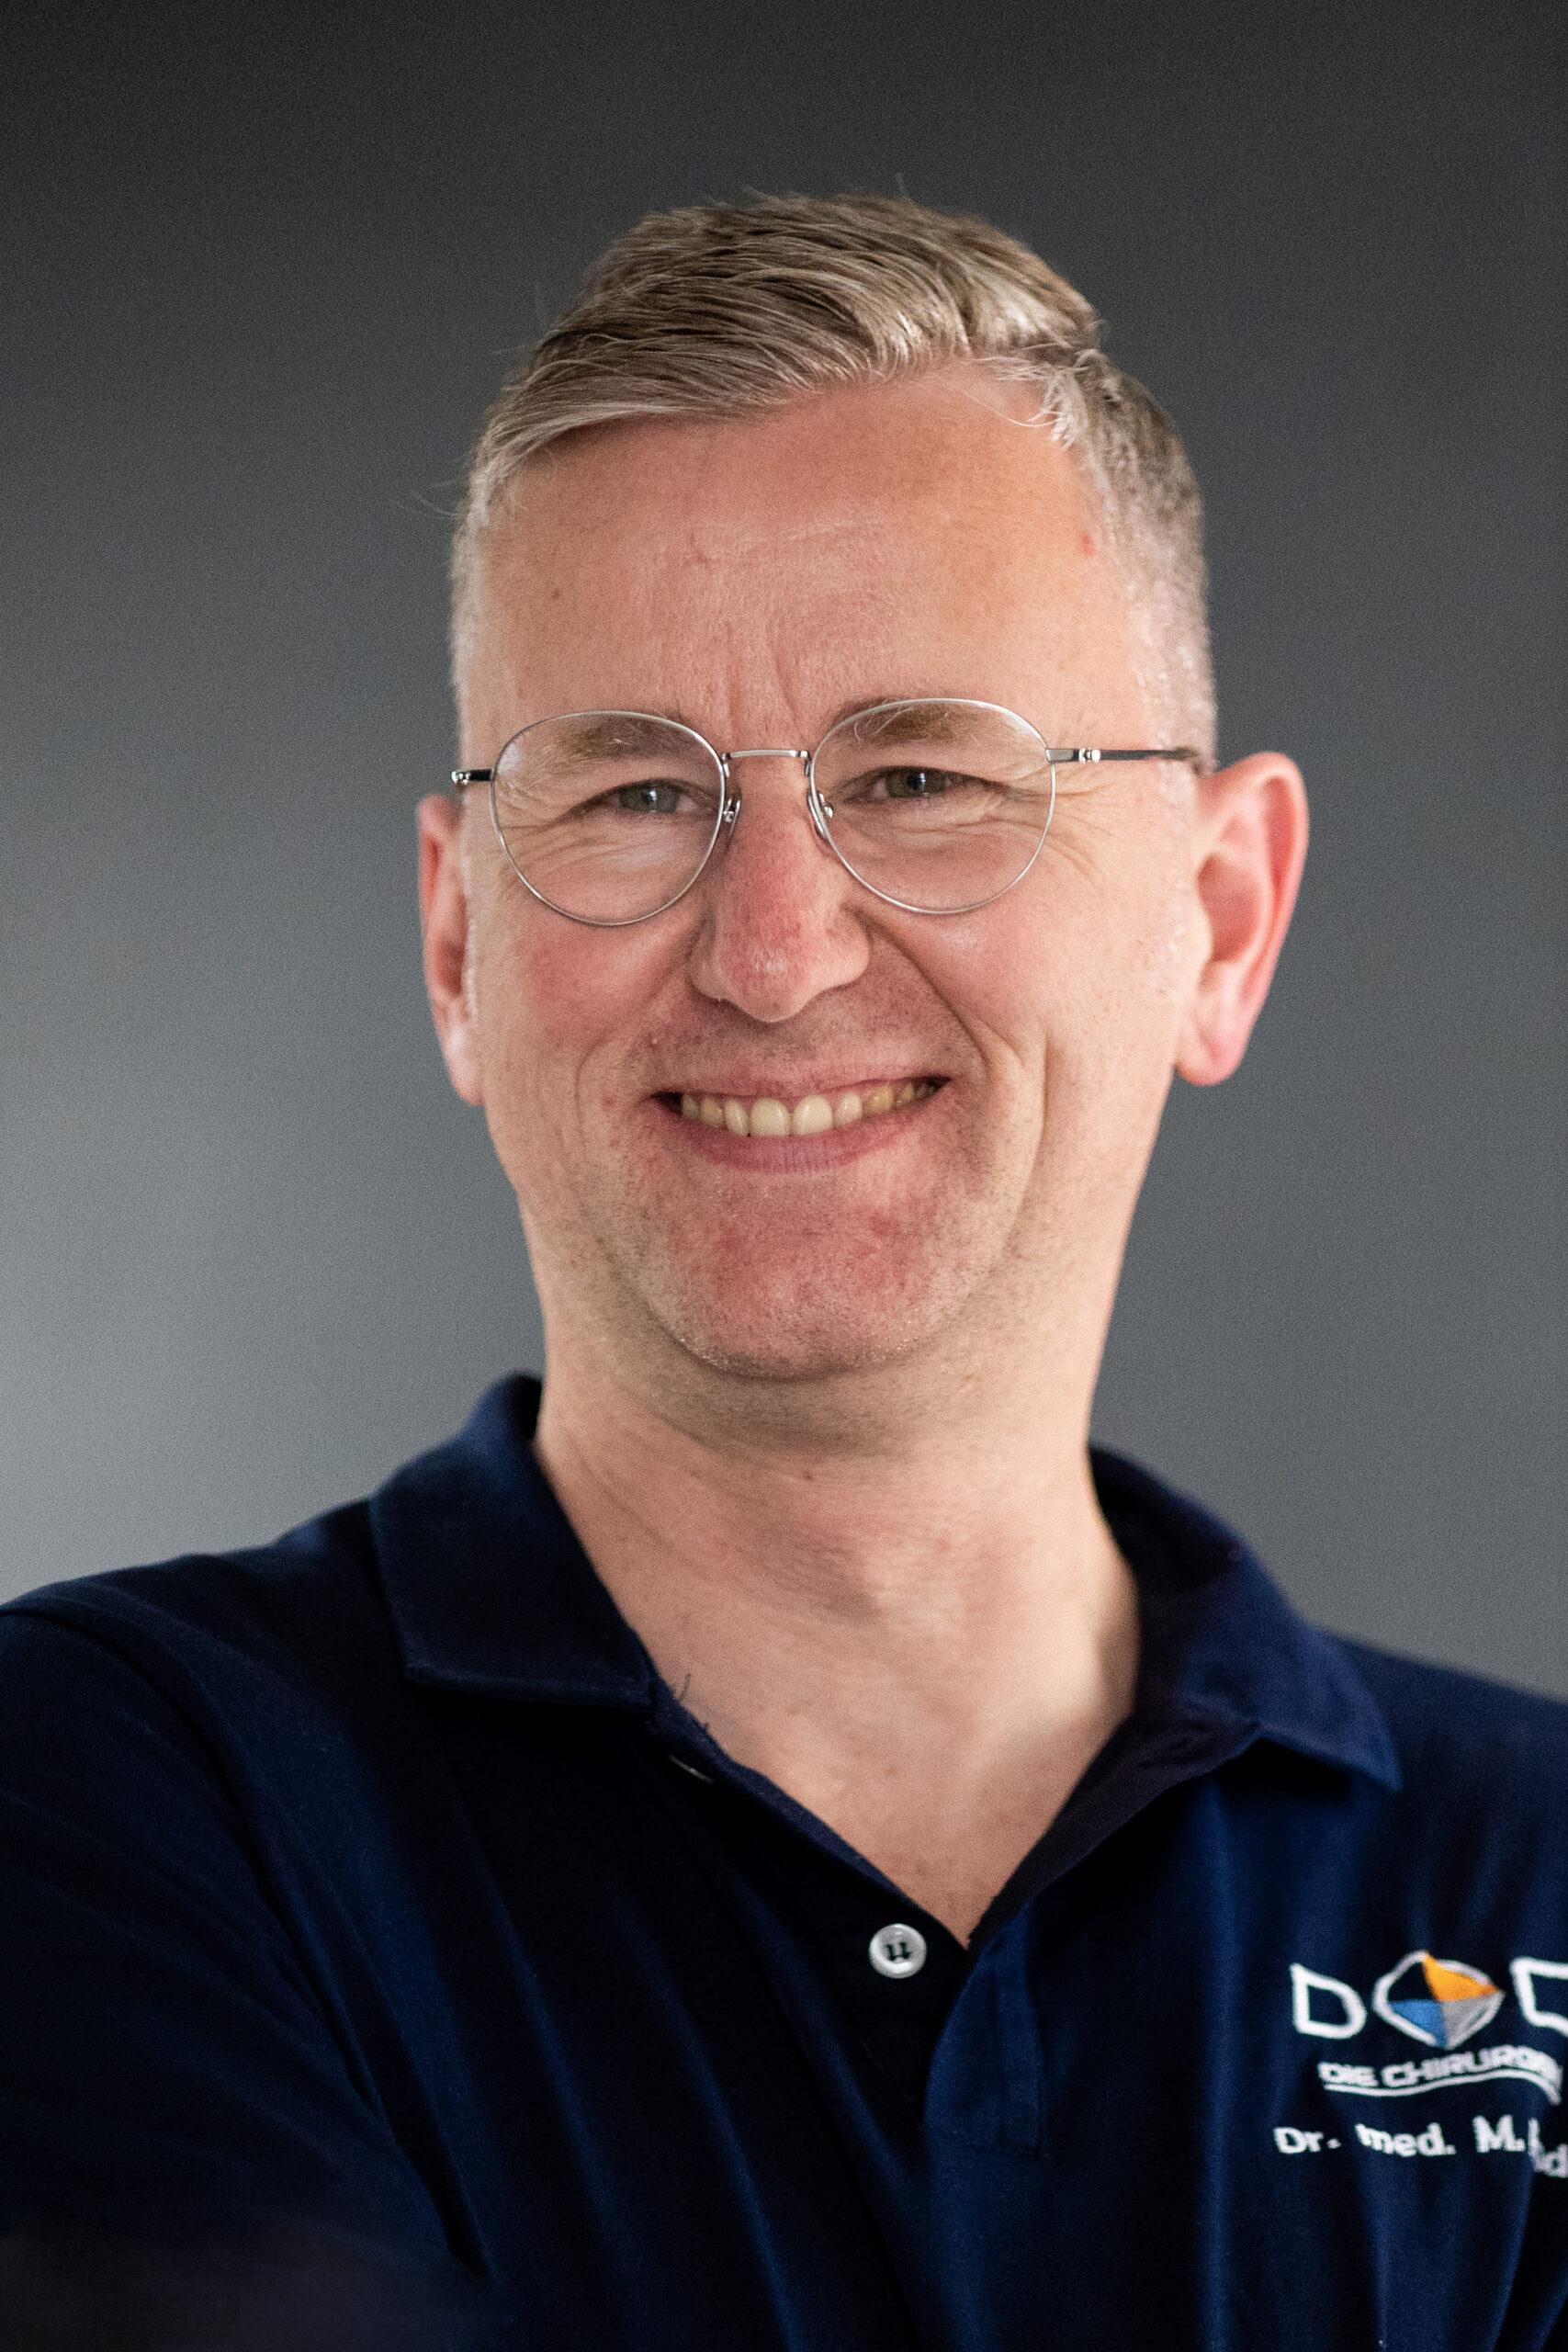 Dr. med. M. Roden